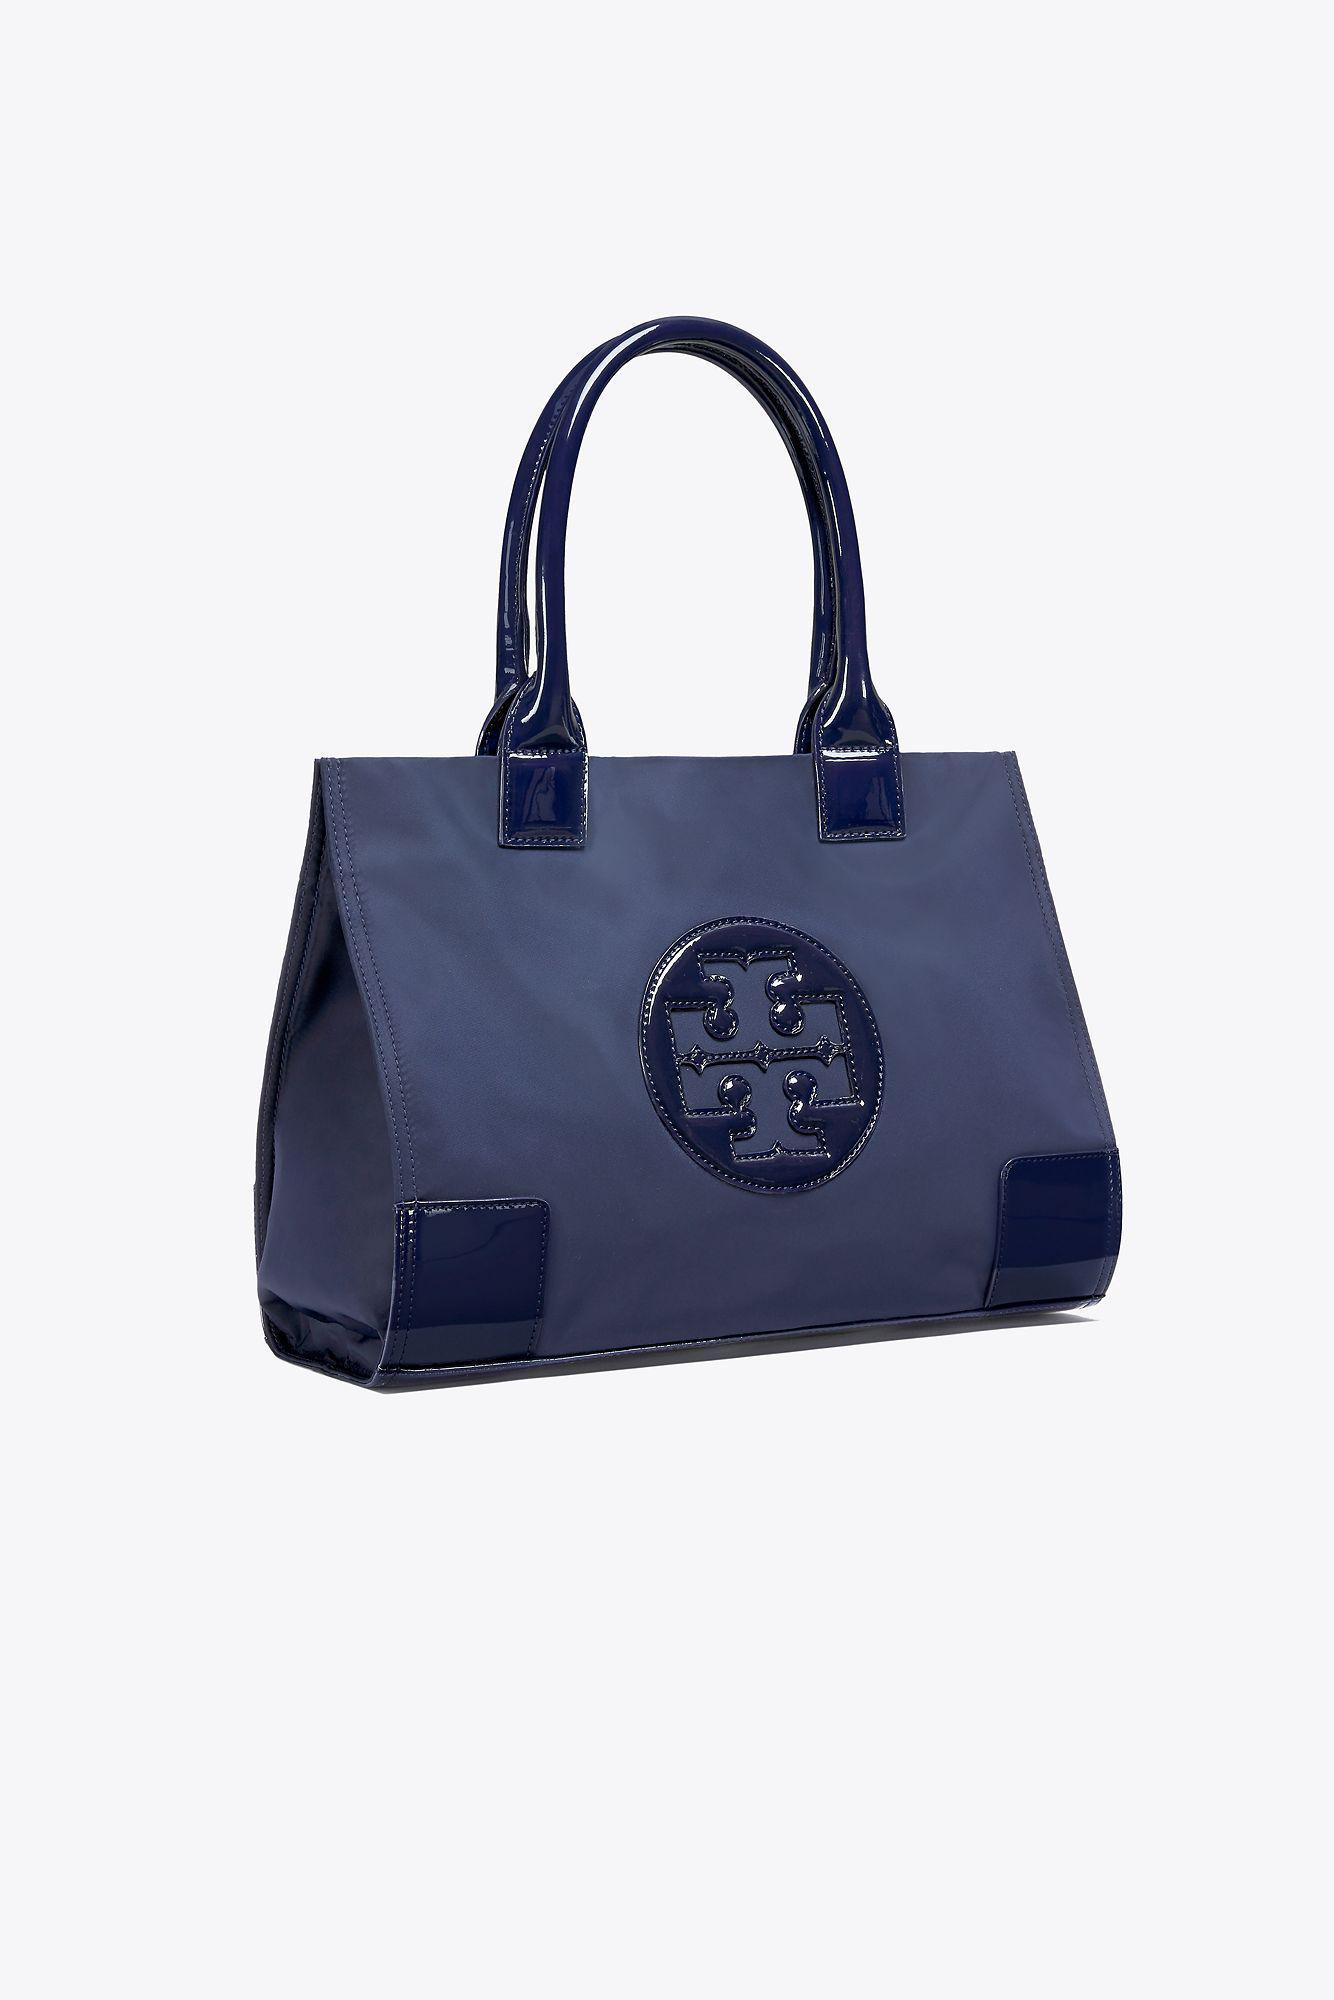 7d8fc41626a4 Lyst - Tory Burch Ella Patent Mini Tote in Blue